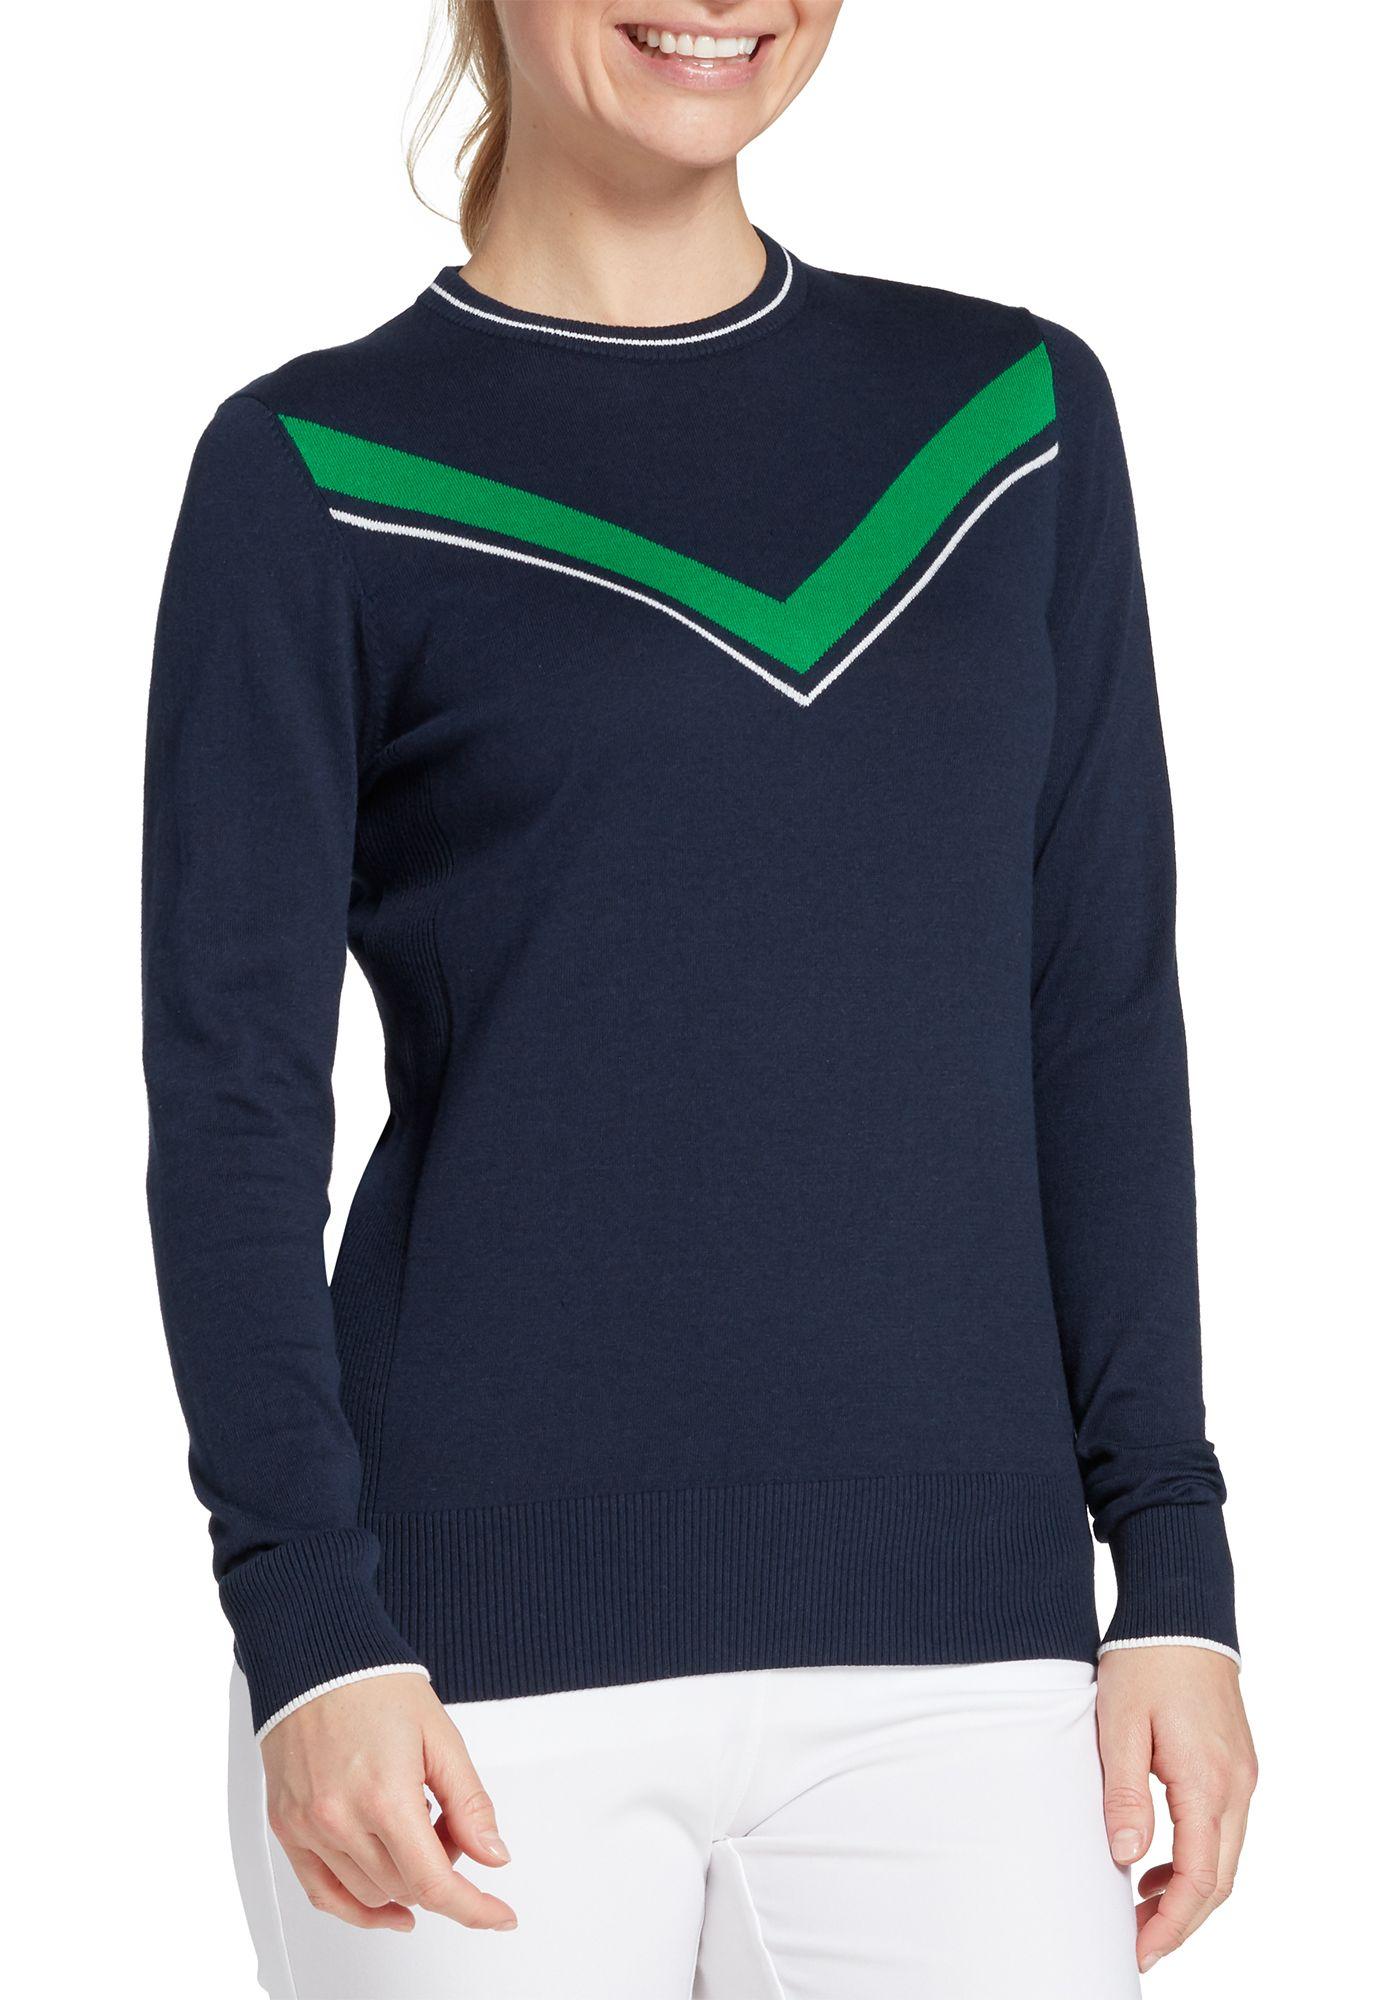 Lady Hagen Women's Green V Long Sleeve Golf Sweater